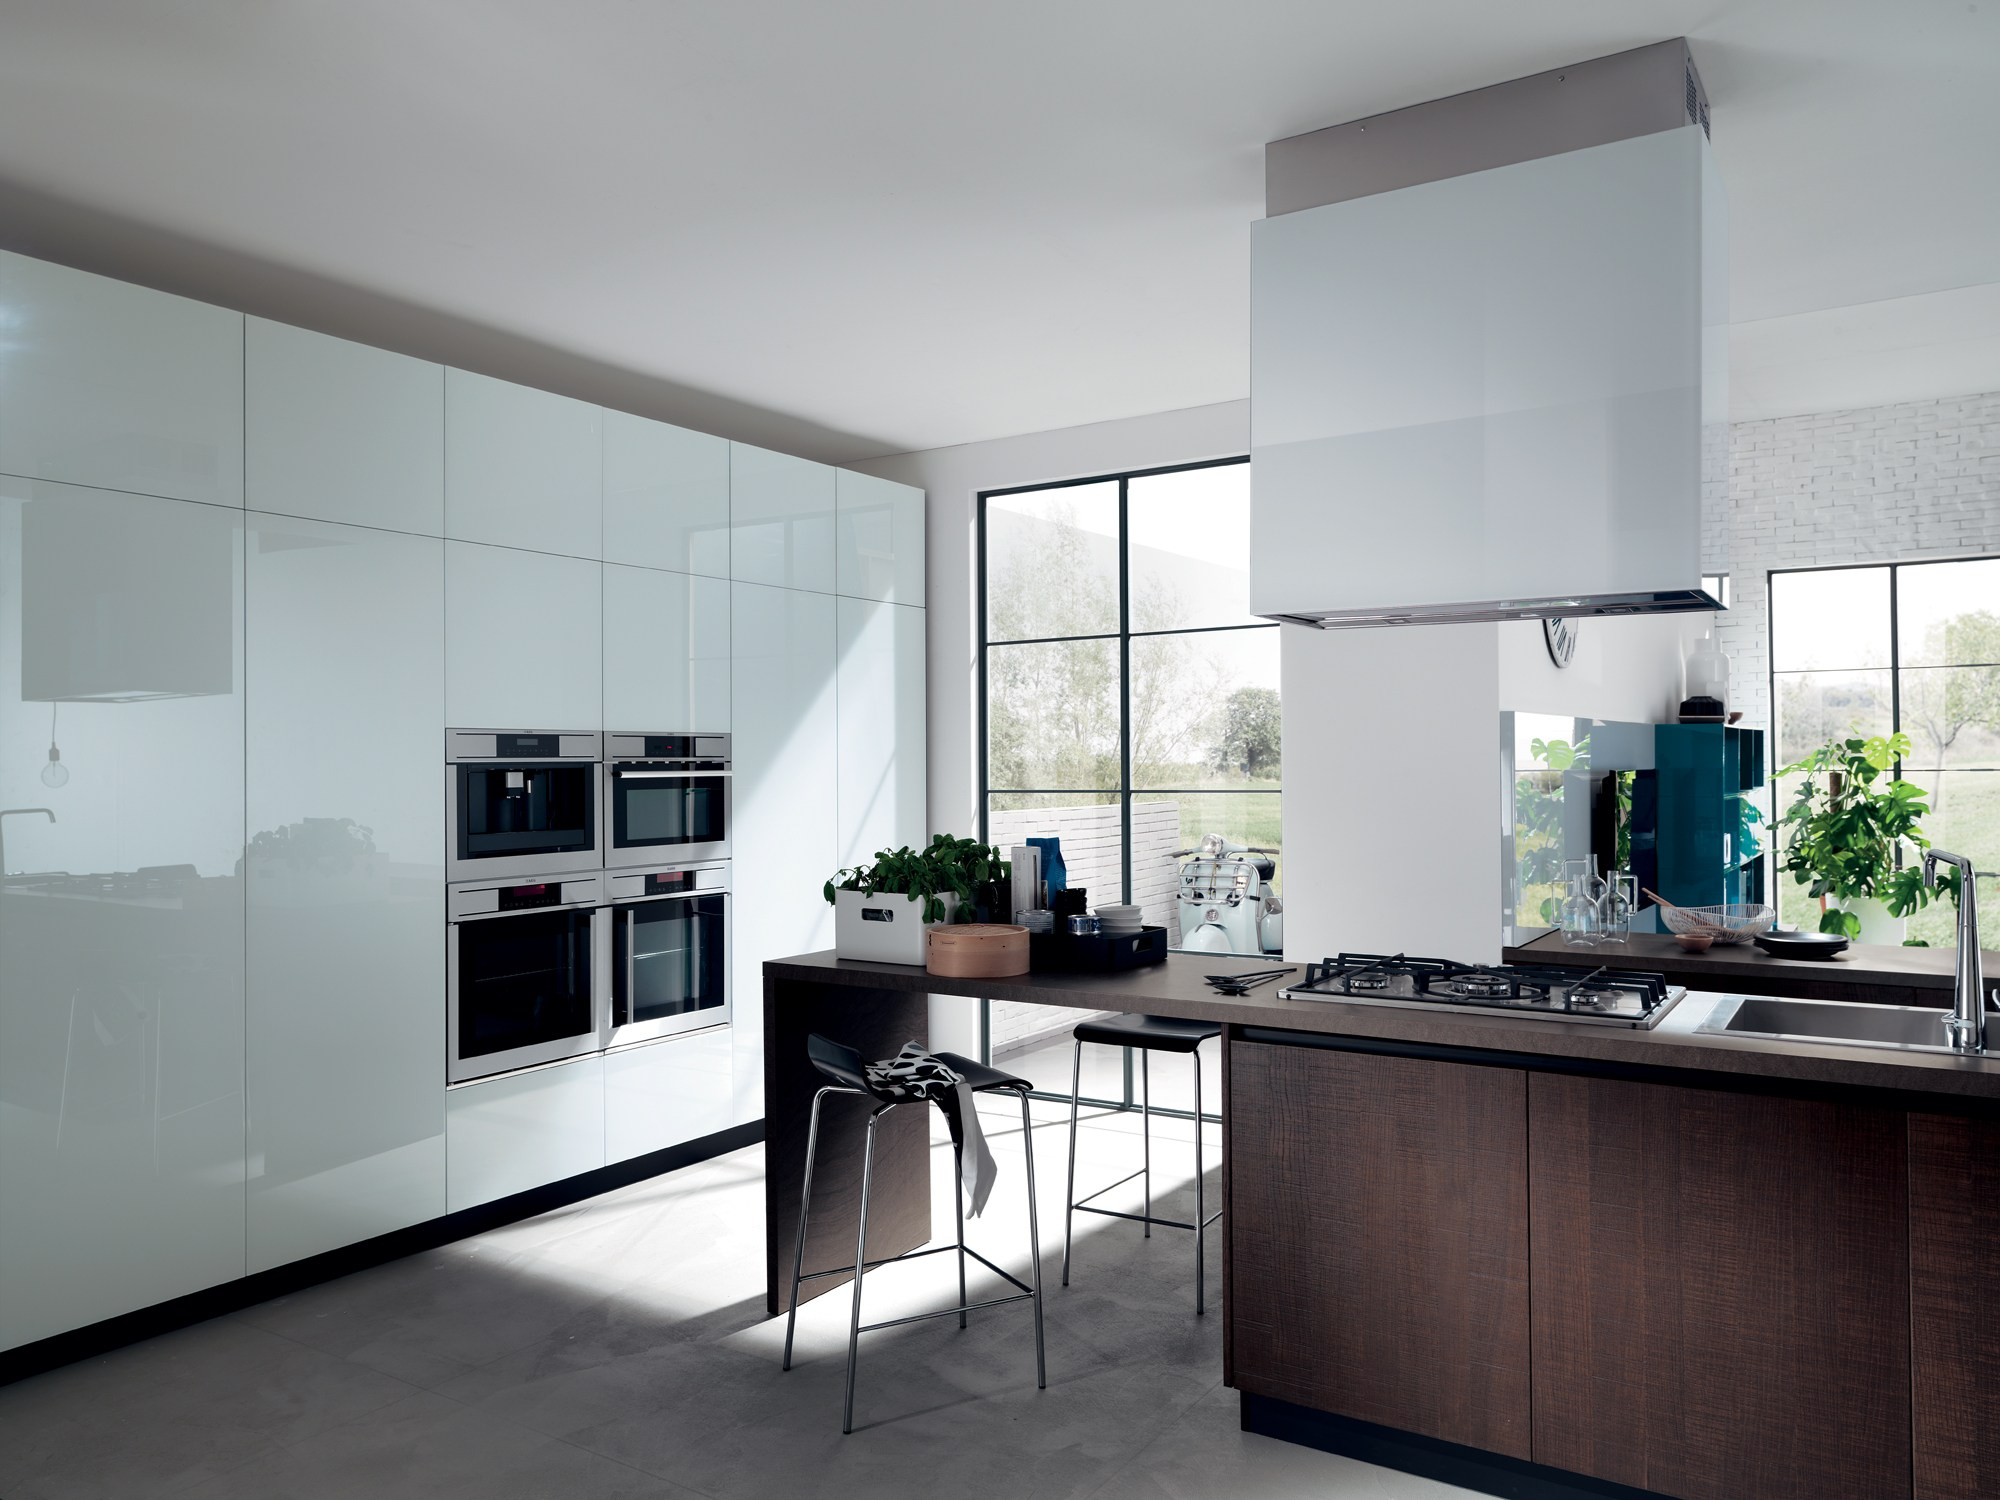 Cucina componibile liberamente linea scavolini by - Cucine scavolini basic ...